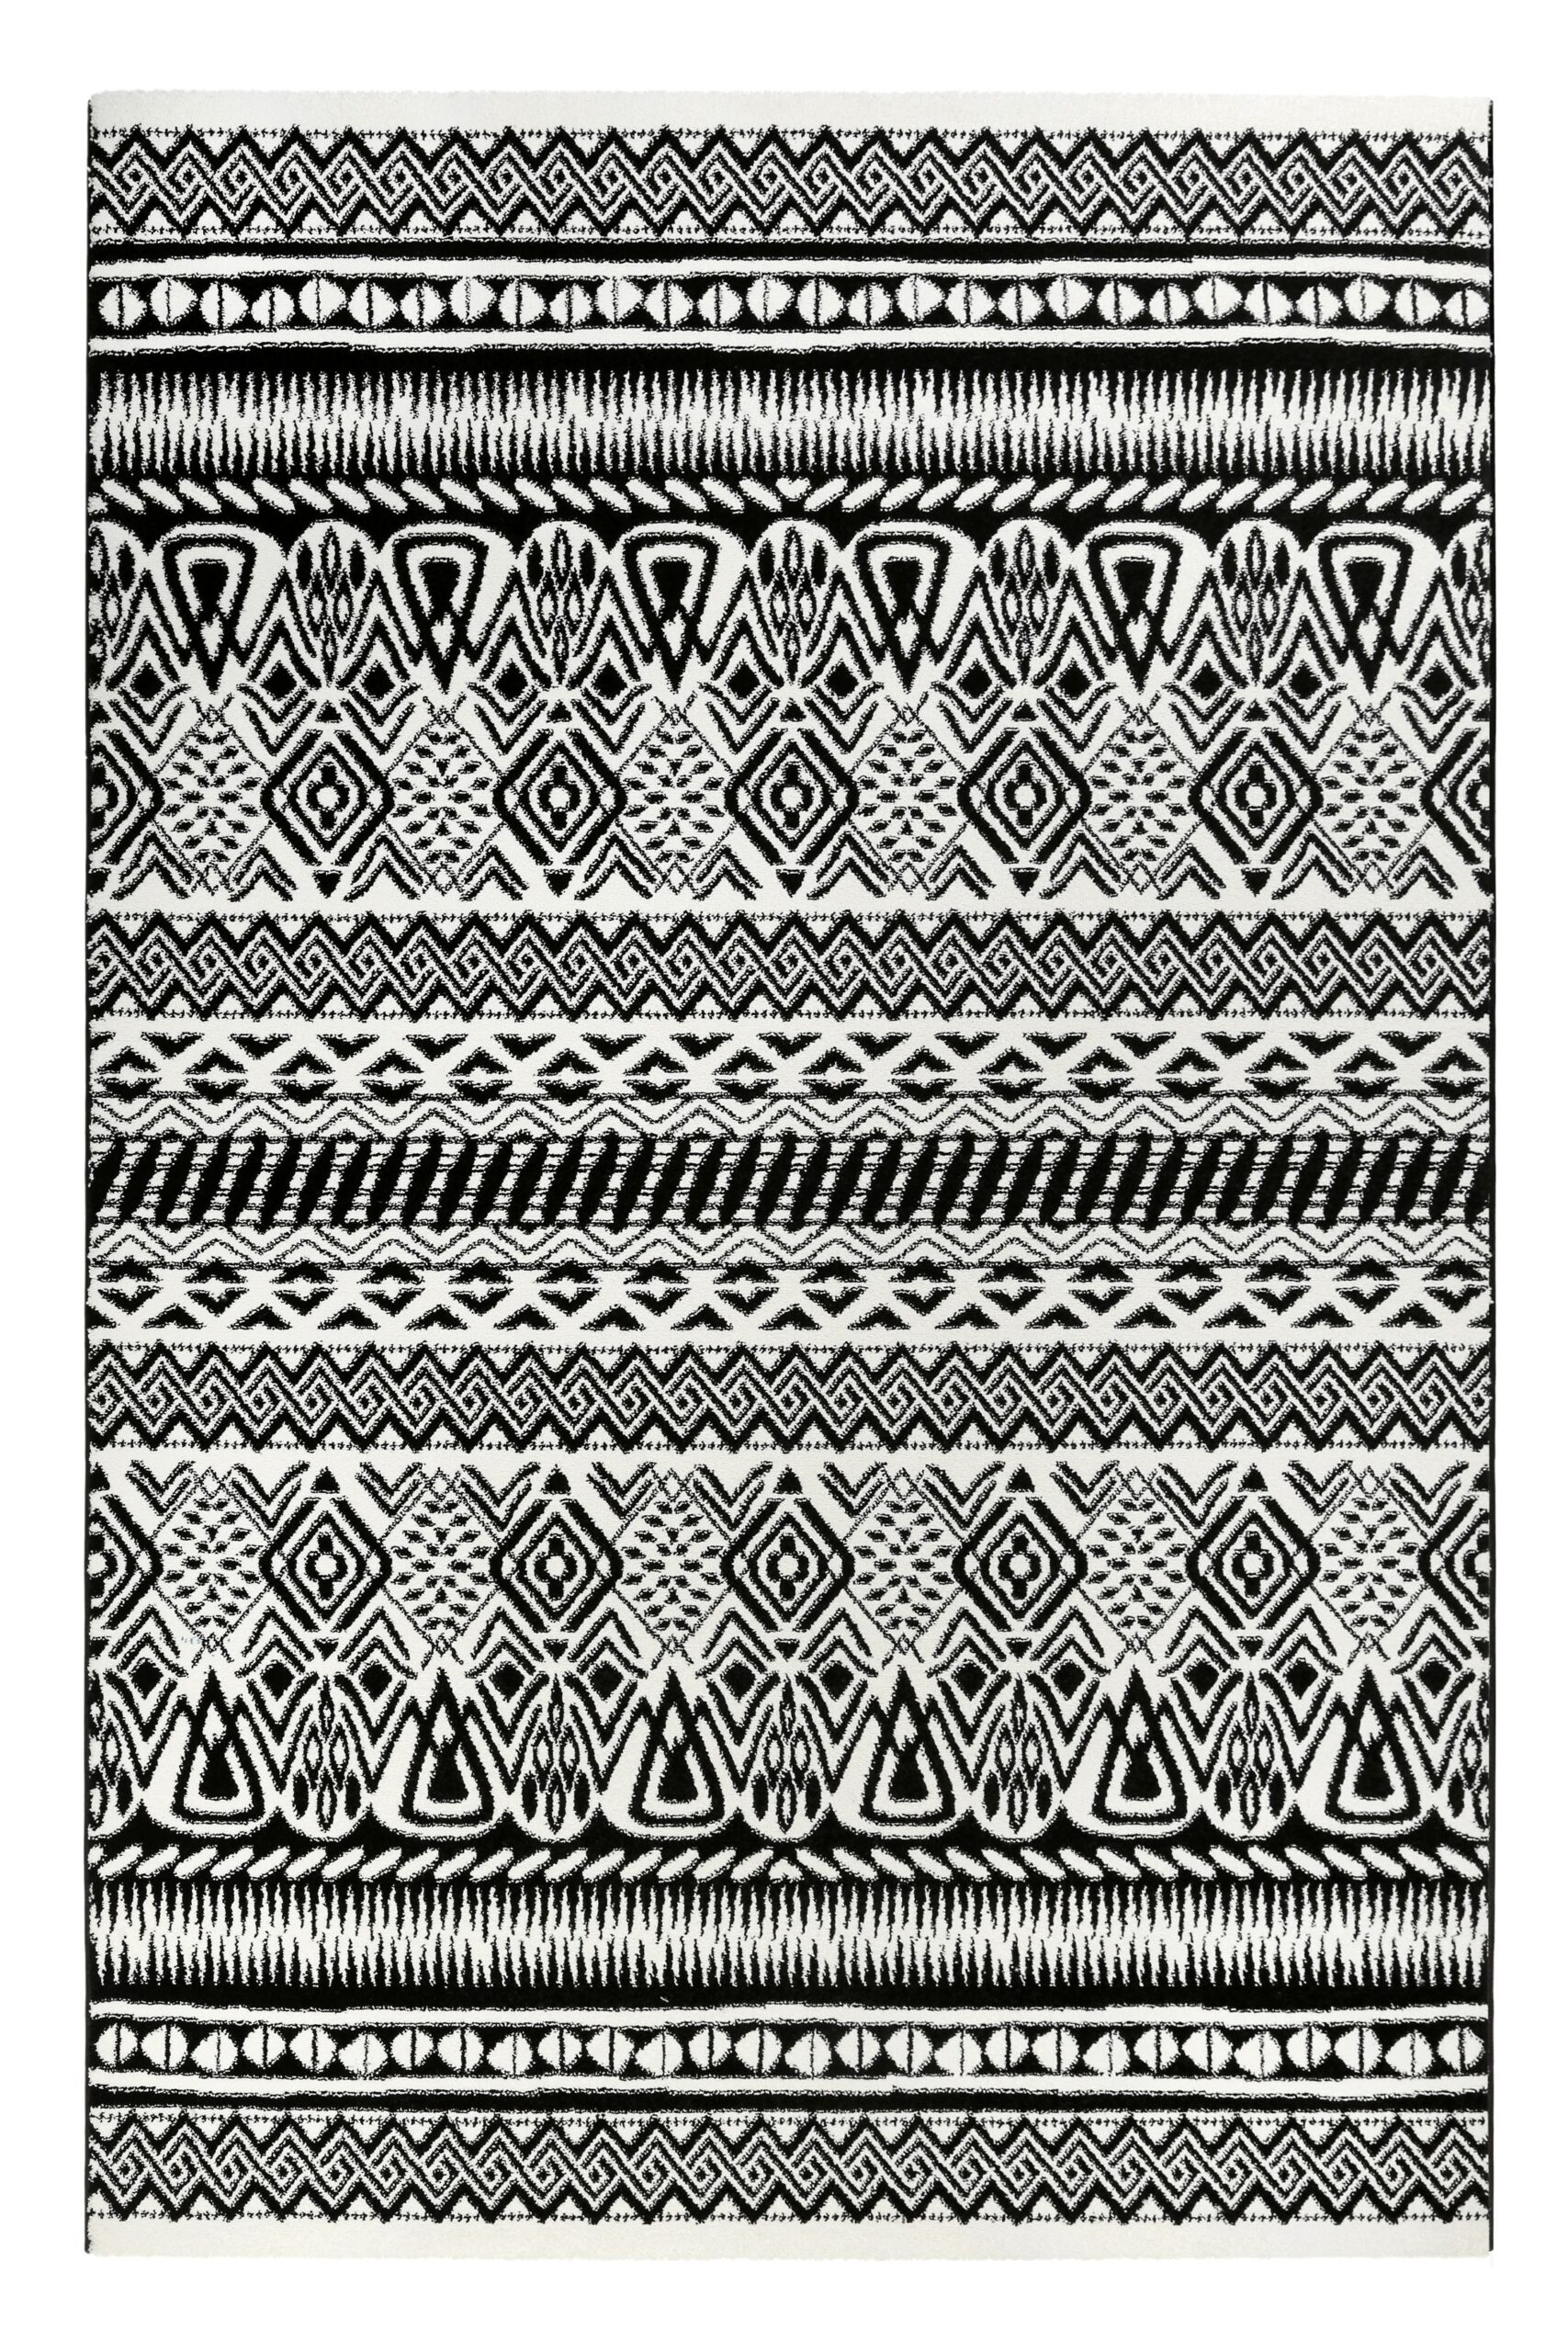 Full Size of Esprit Kurzflor Teppich Black White Schwarz Wei In 2020 Esstisch Weiß Oval Sofa Grau Bett 160x200 100x200 Bad Regal 140x200 Schlafzimmer Hängeschrank Wohnzimmer Teppich Schwarz Weiß